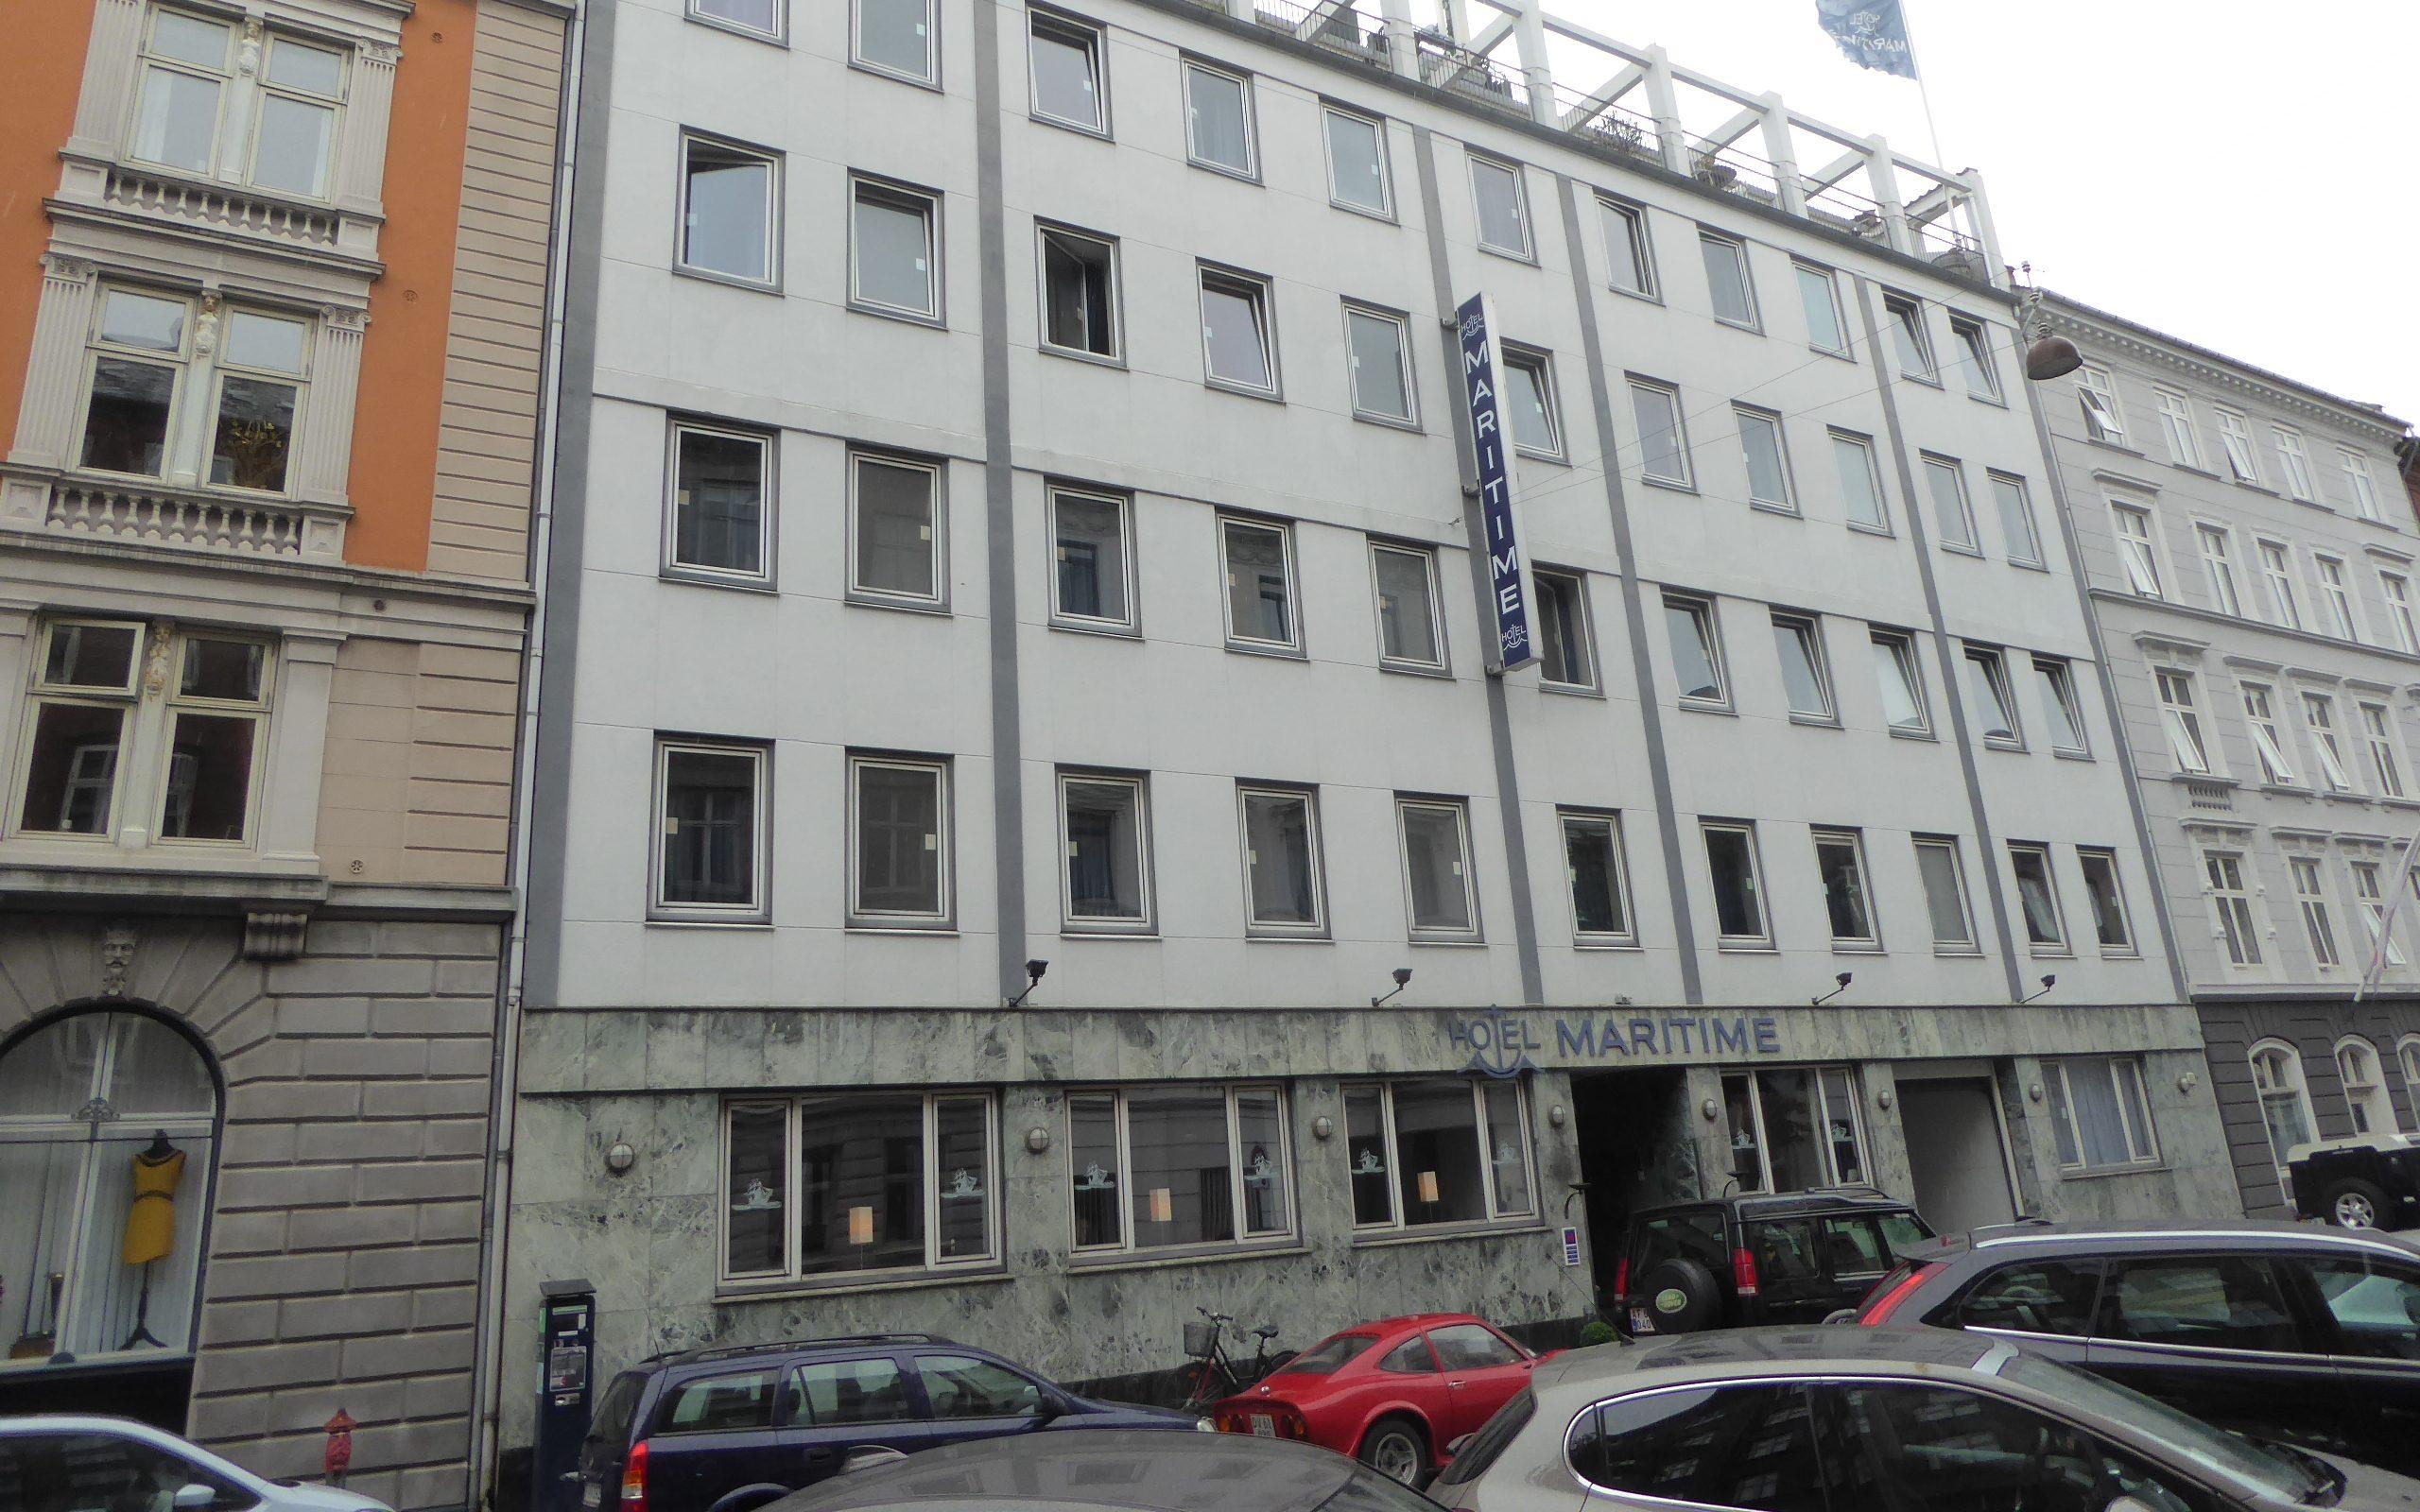 Hotel Maritime, tæt på Kongens Nytorv, har fået ny forpagter og skal renoveres inden det genåbnes. Wikipediafoto: Leif Jørgensen.